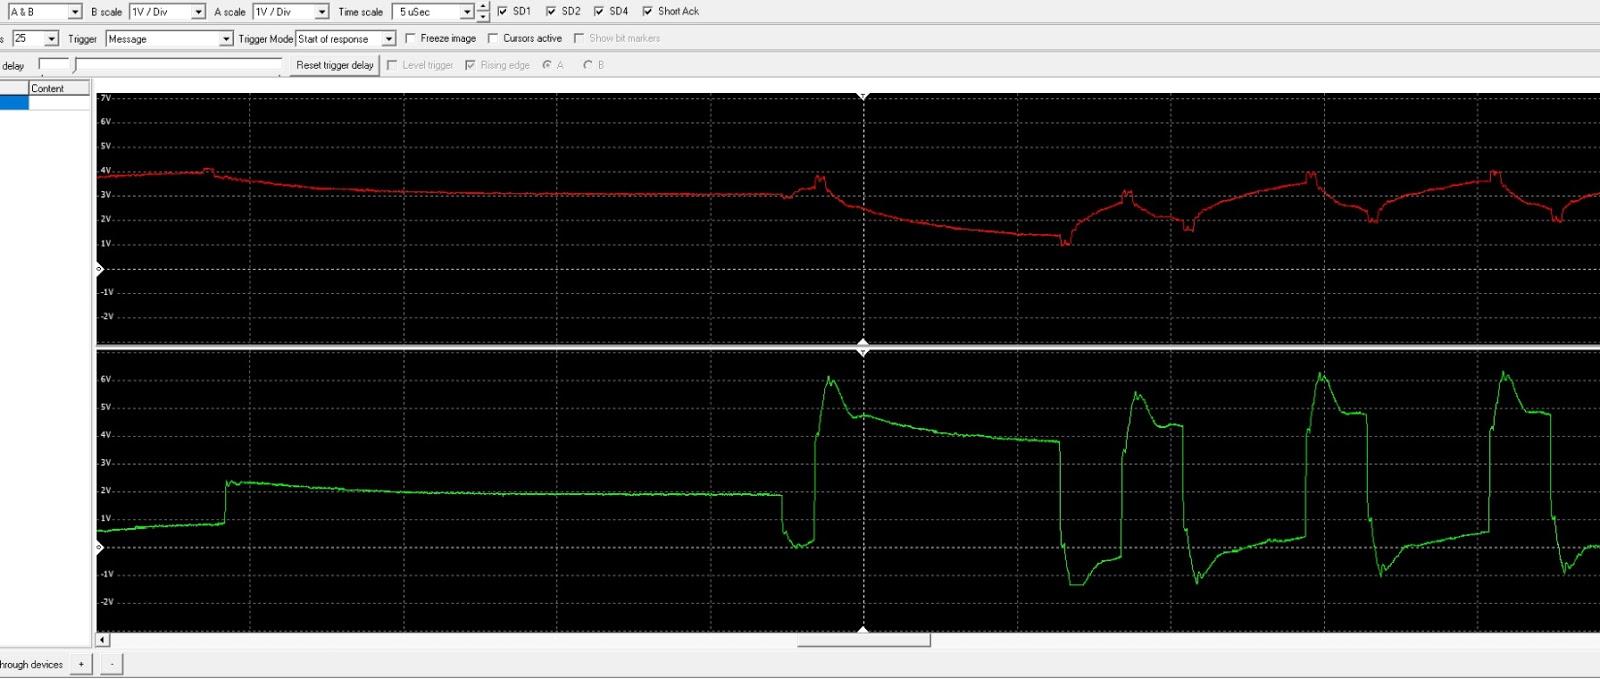 Marvelous Industrial Data Xchange Profibus Wiring Error B Line Short Wiring Cloud Aboleophagdienstapotheekhoekschewaardnl